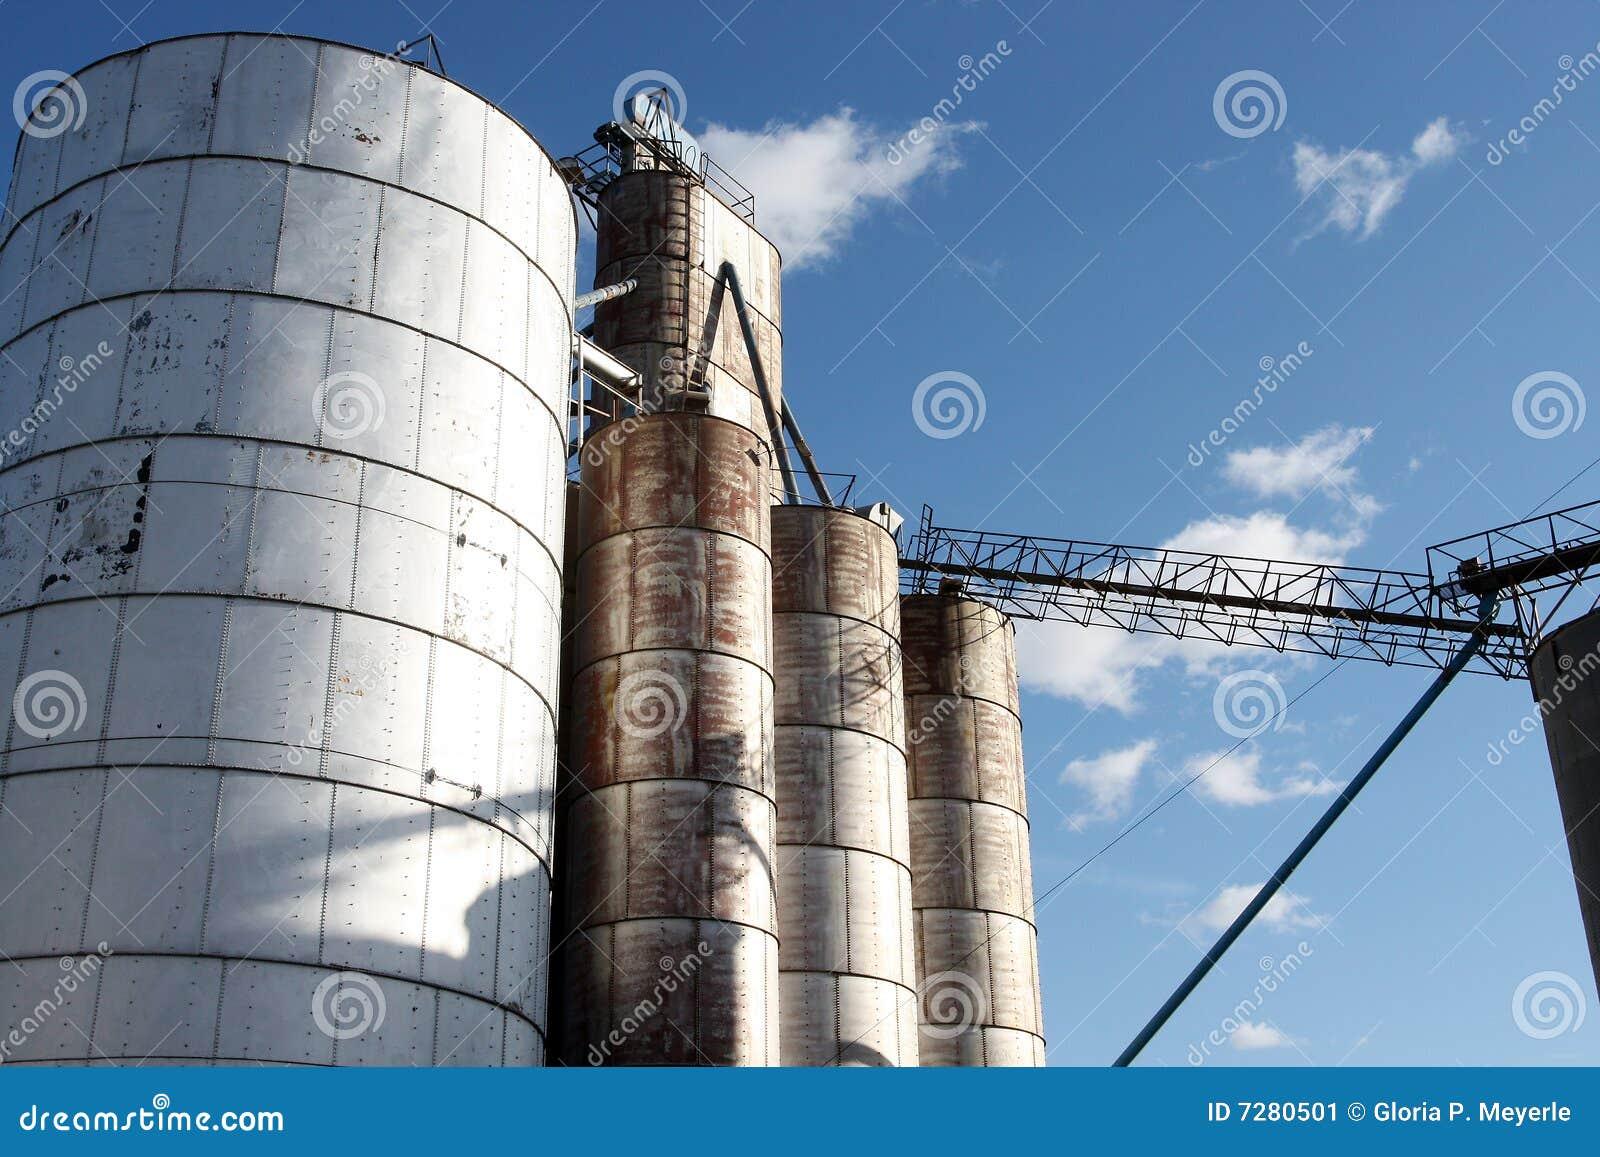 Compartimientos del elevador de grano